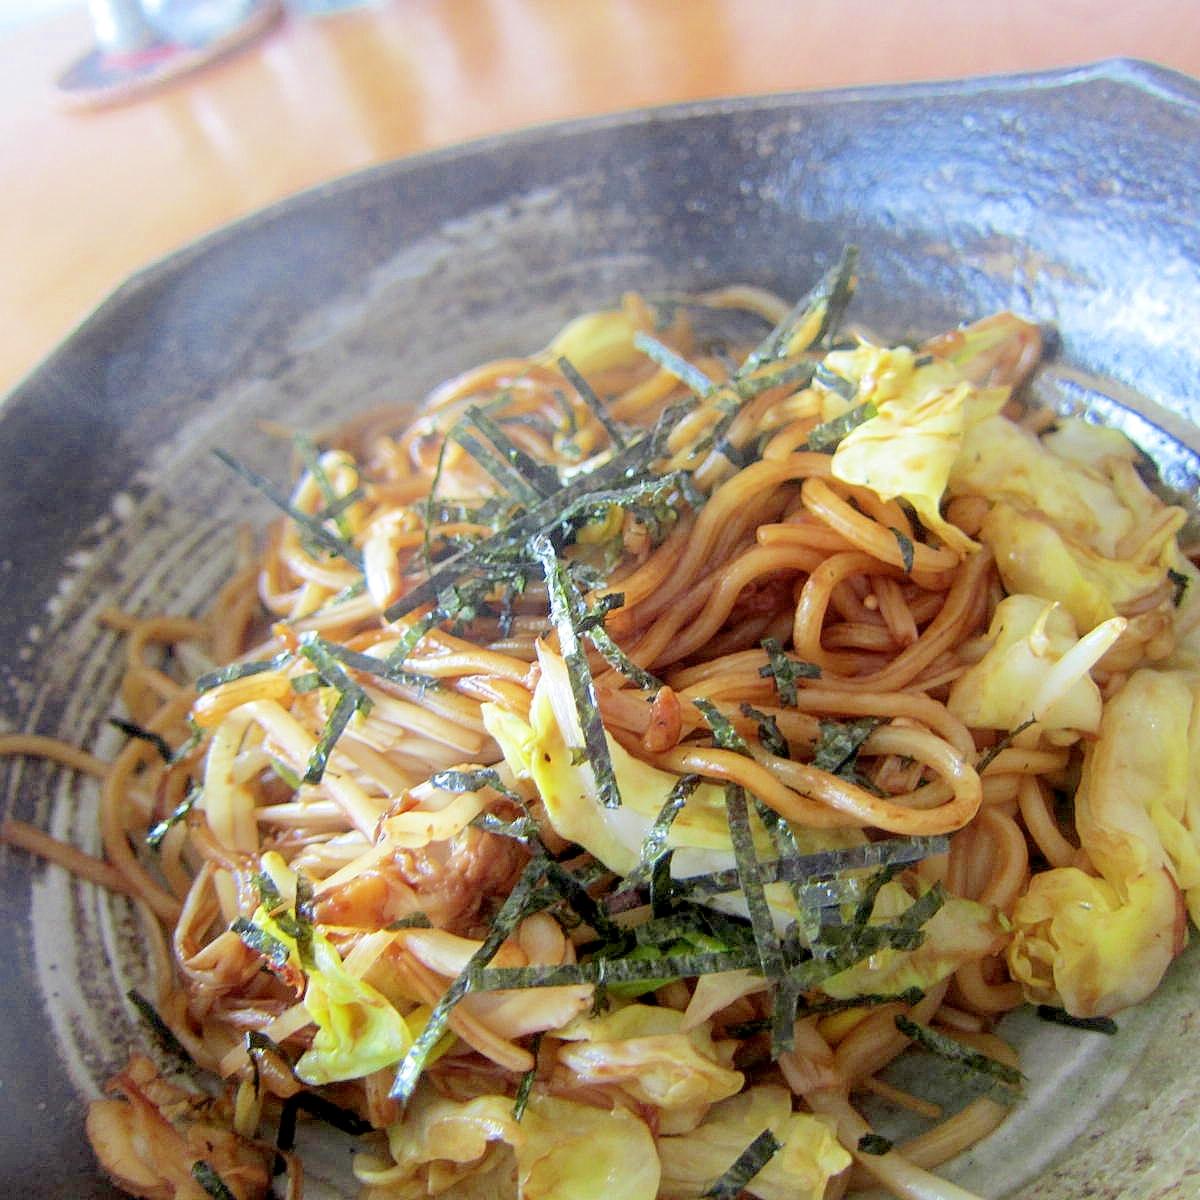 アサリきゃべつソース焼き蕎麦